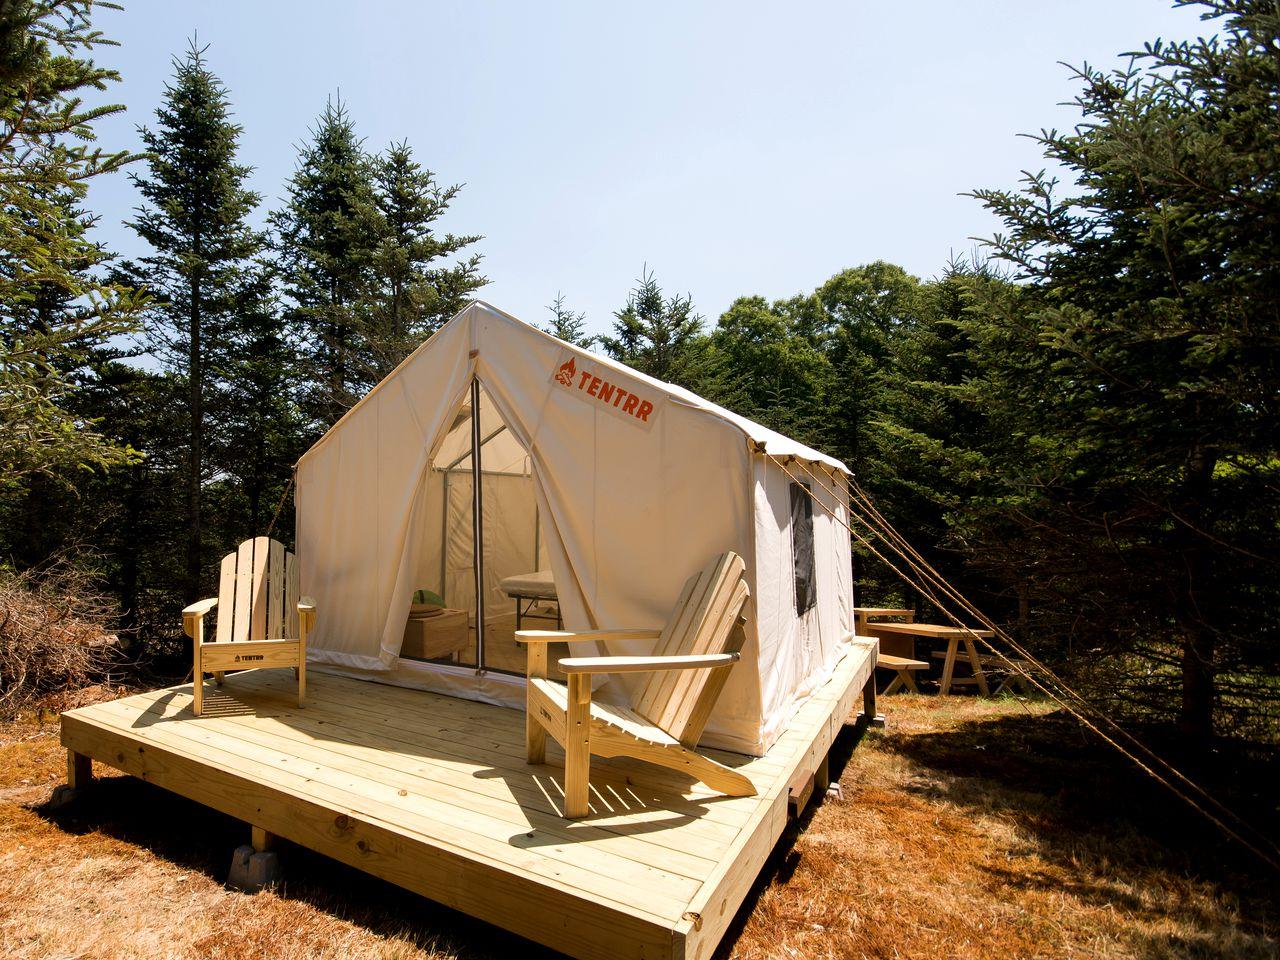 Tiverton Camping Tent   Rhode Island Glamping   Glamping Hub